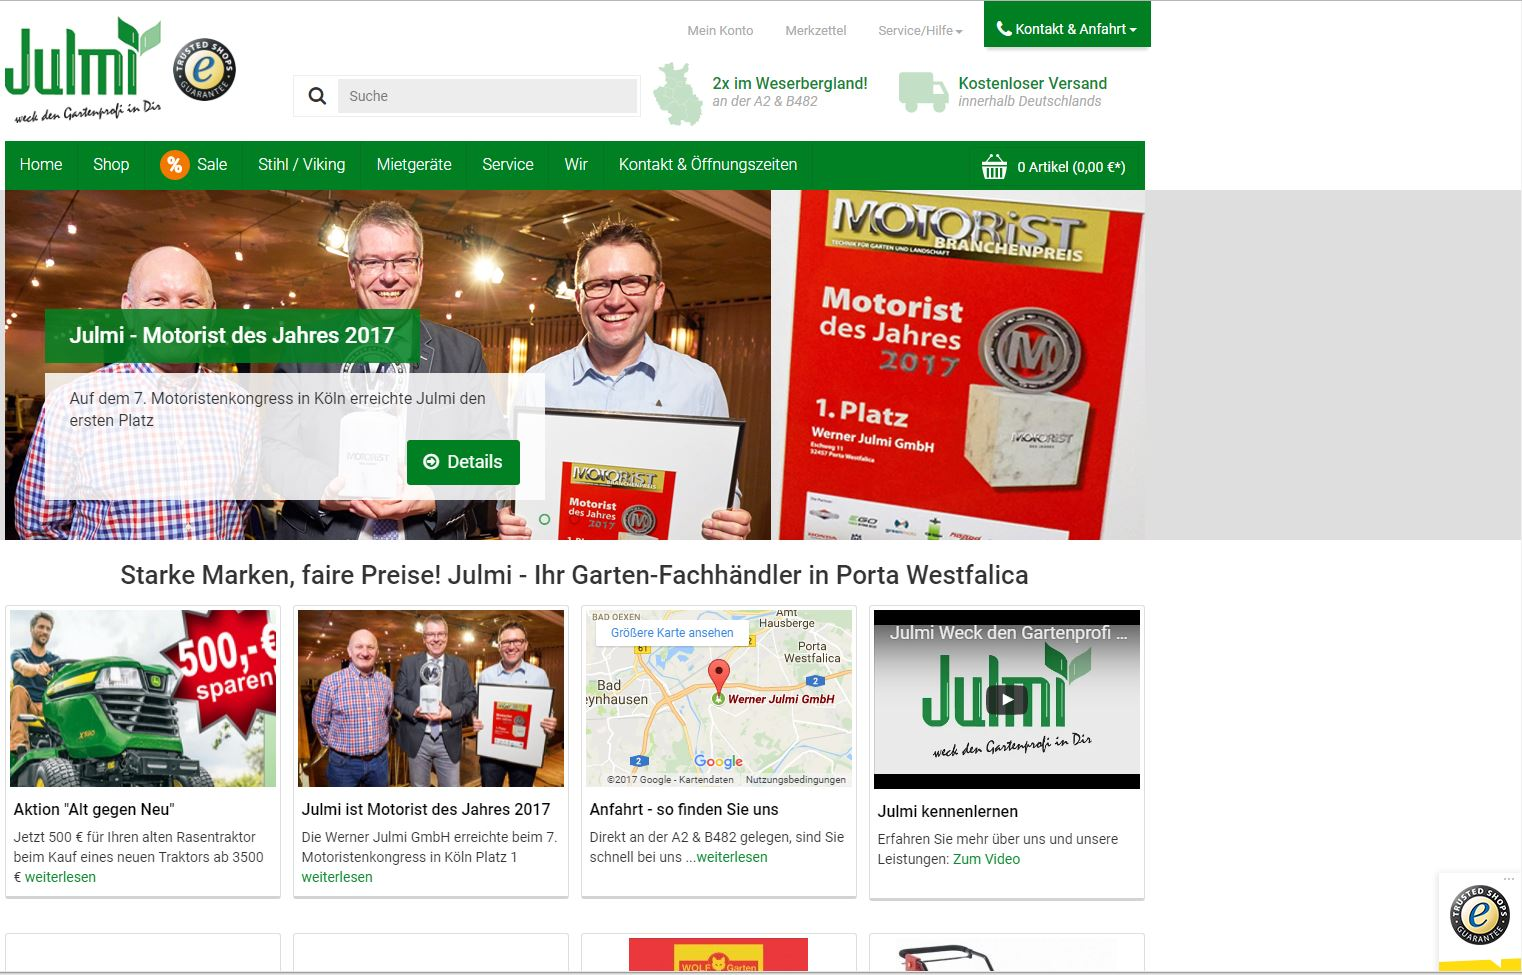 julmi-online.de Homepage